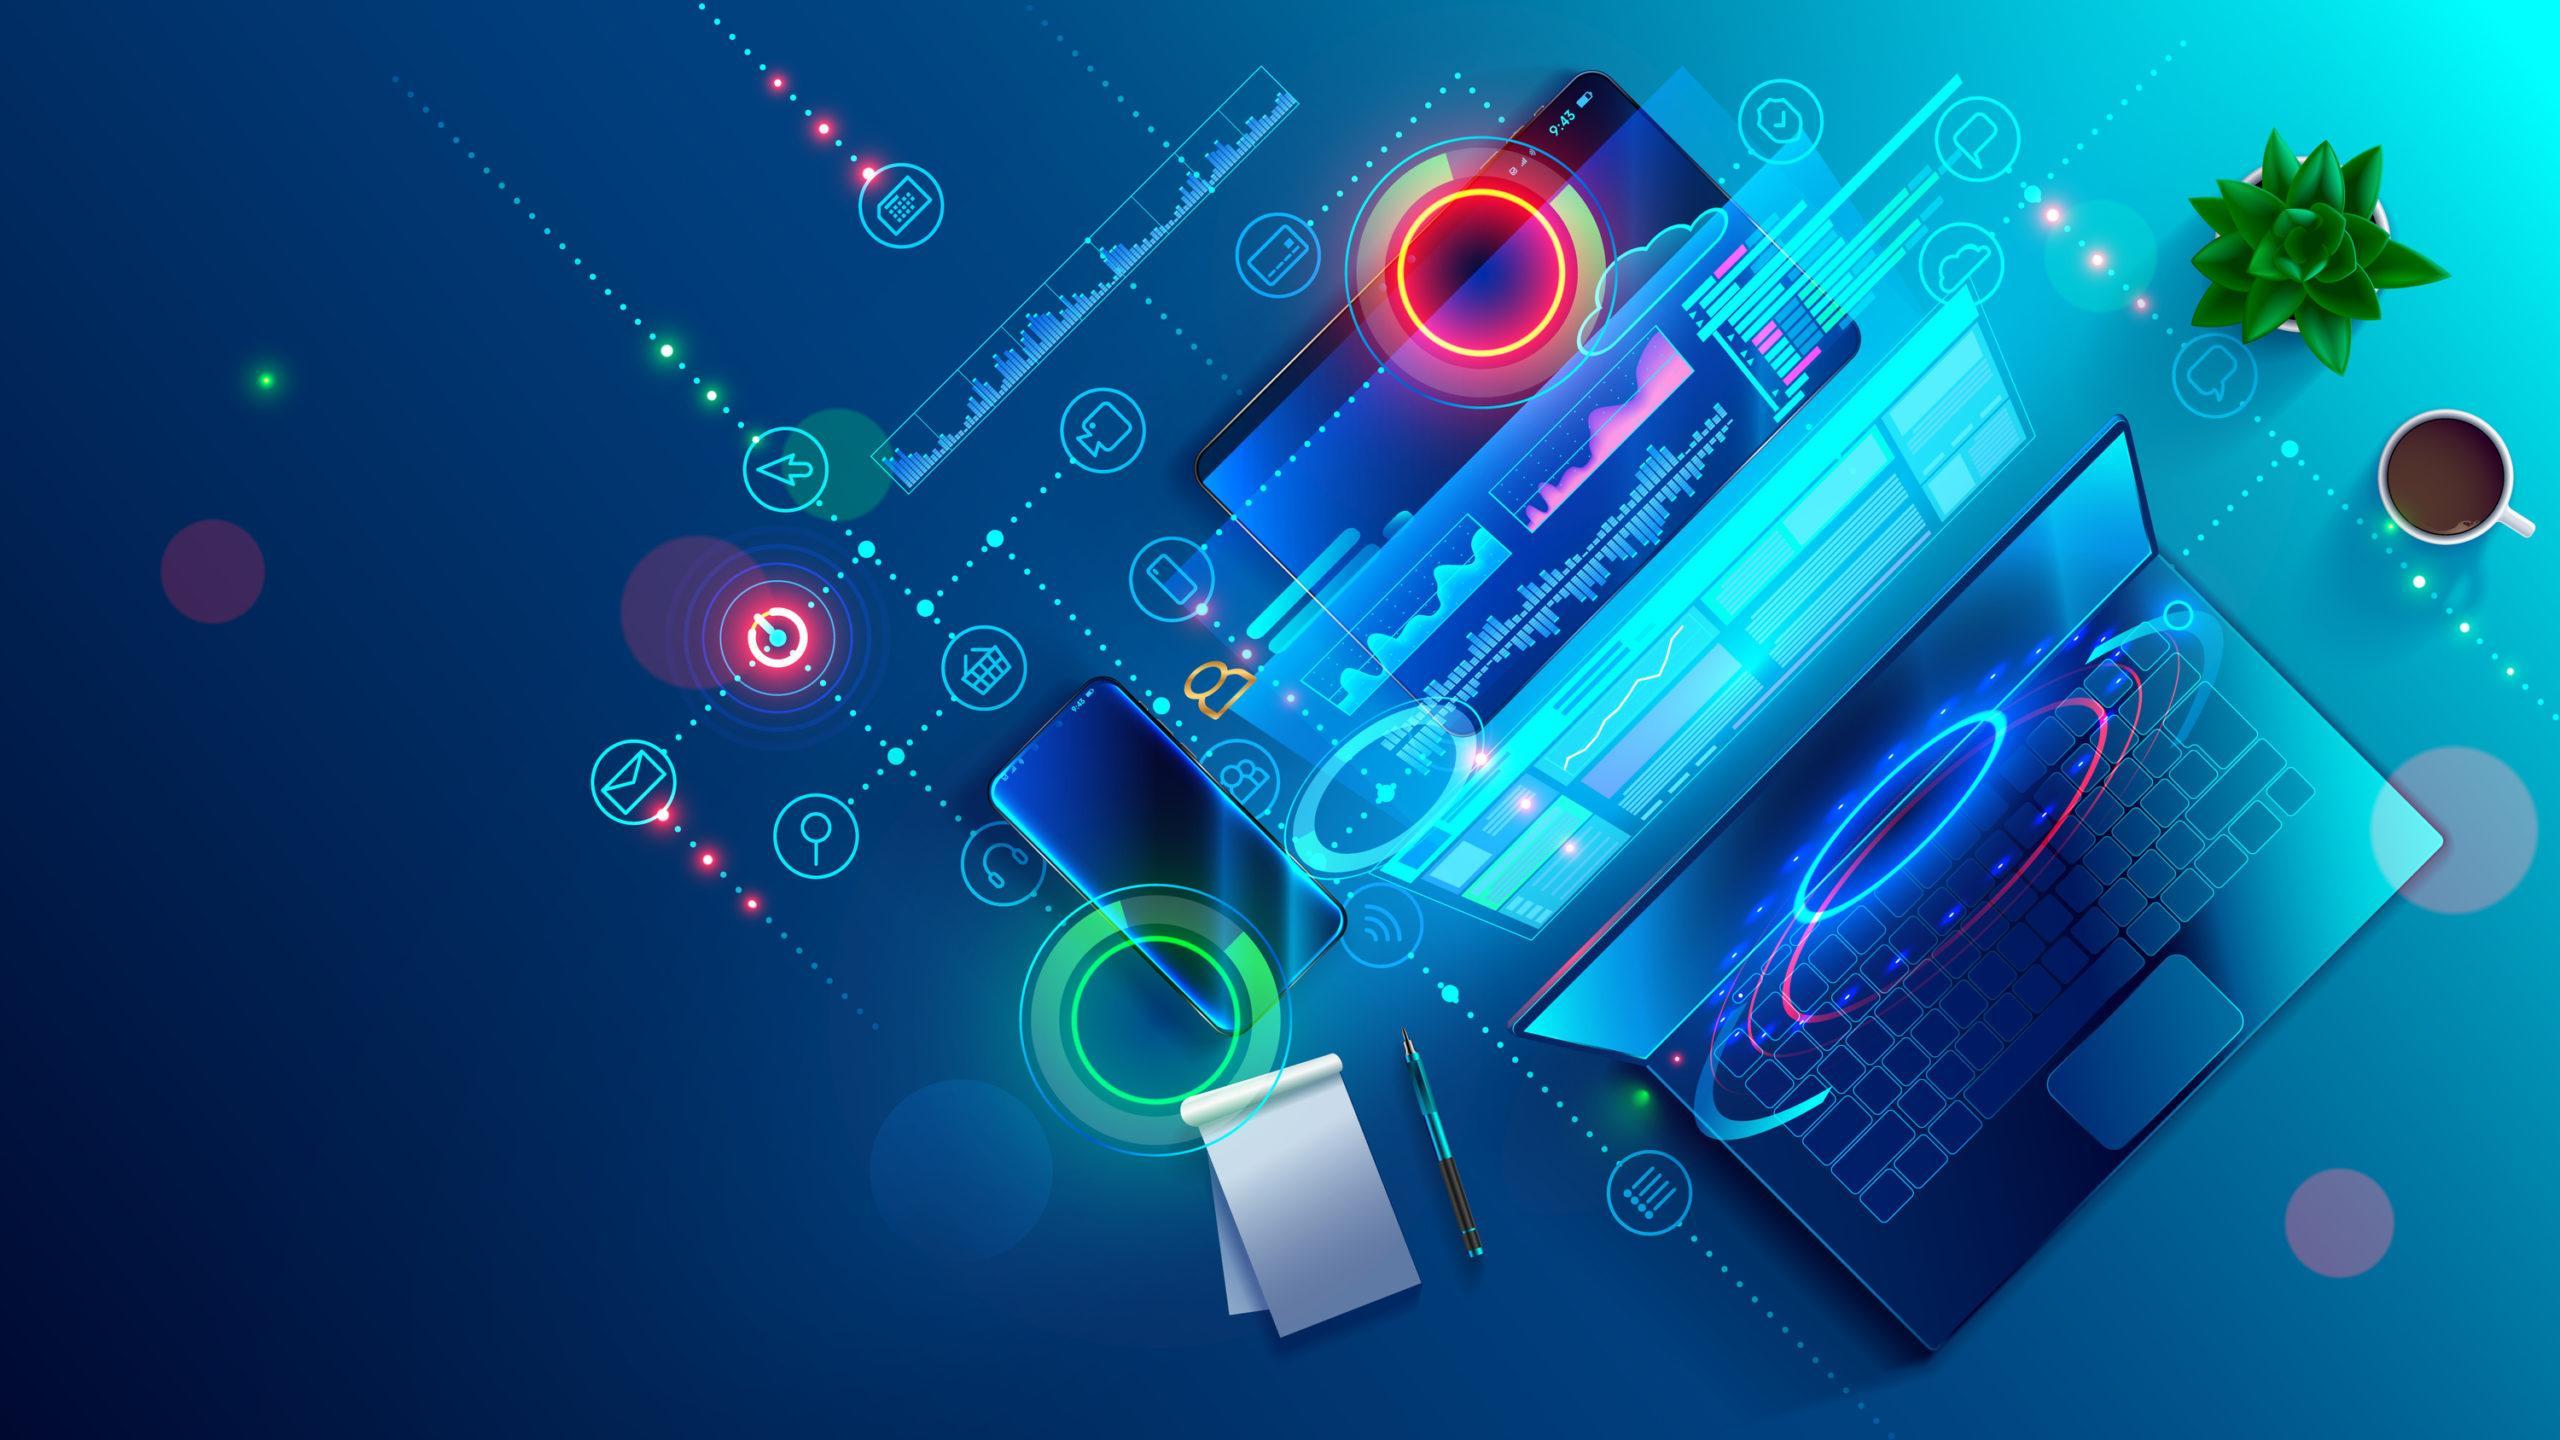 Tecnologia disruptiva